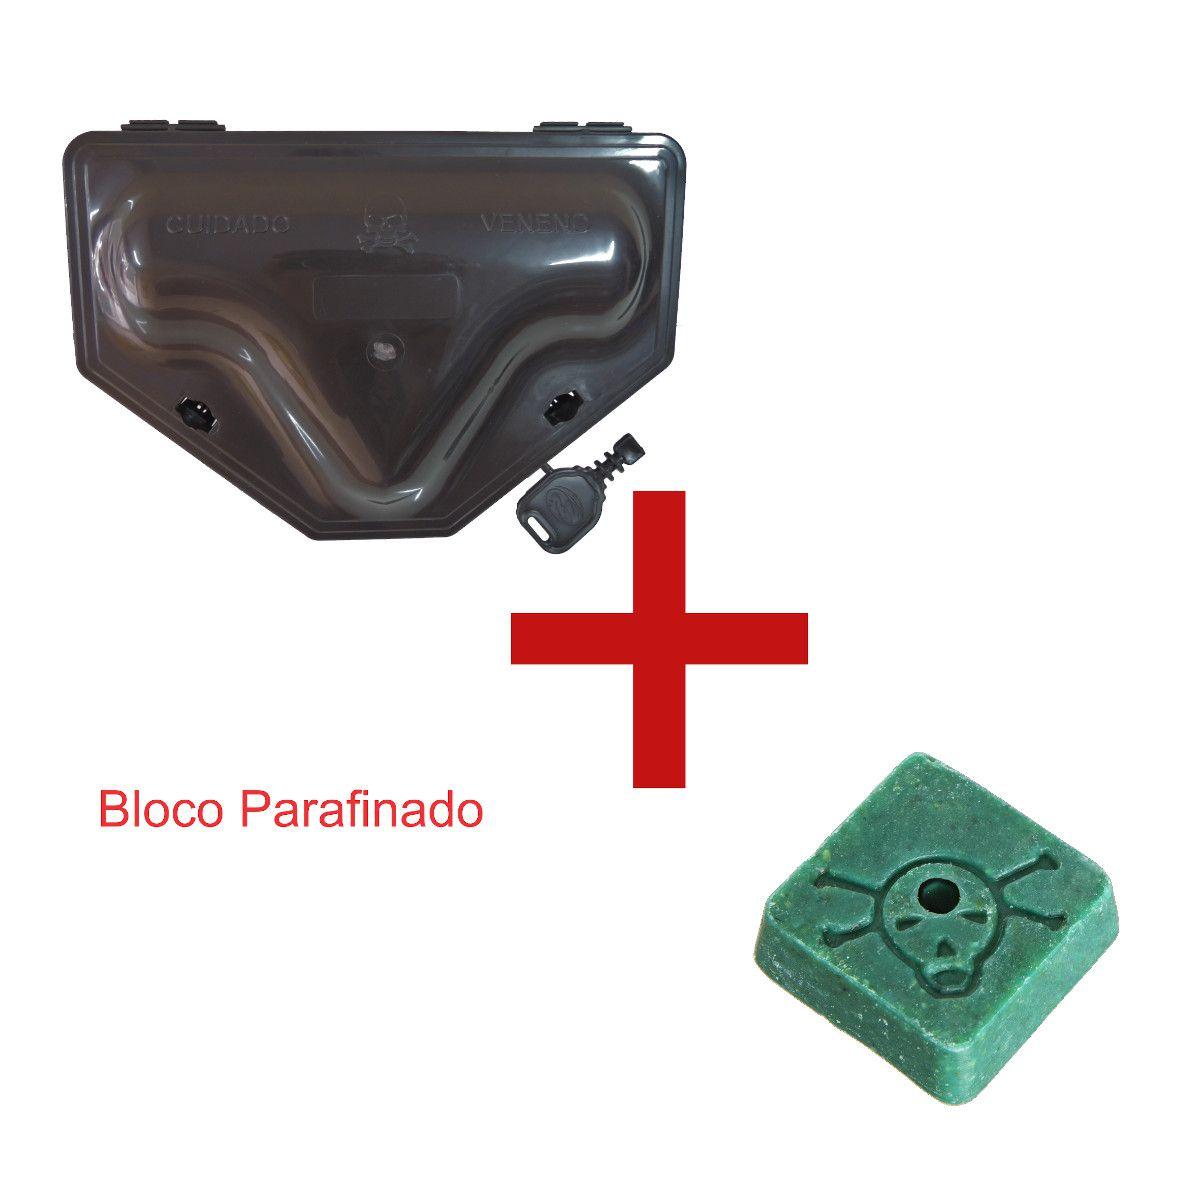 74 Porta Iscas C/ Duplo Travamento + 74 Bloco Parafinado